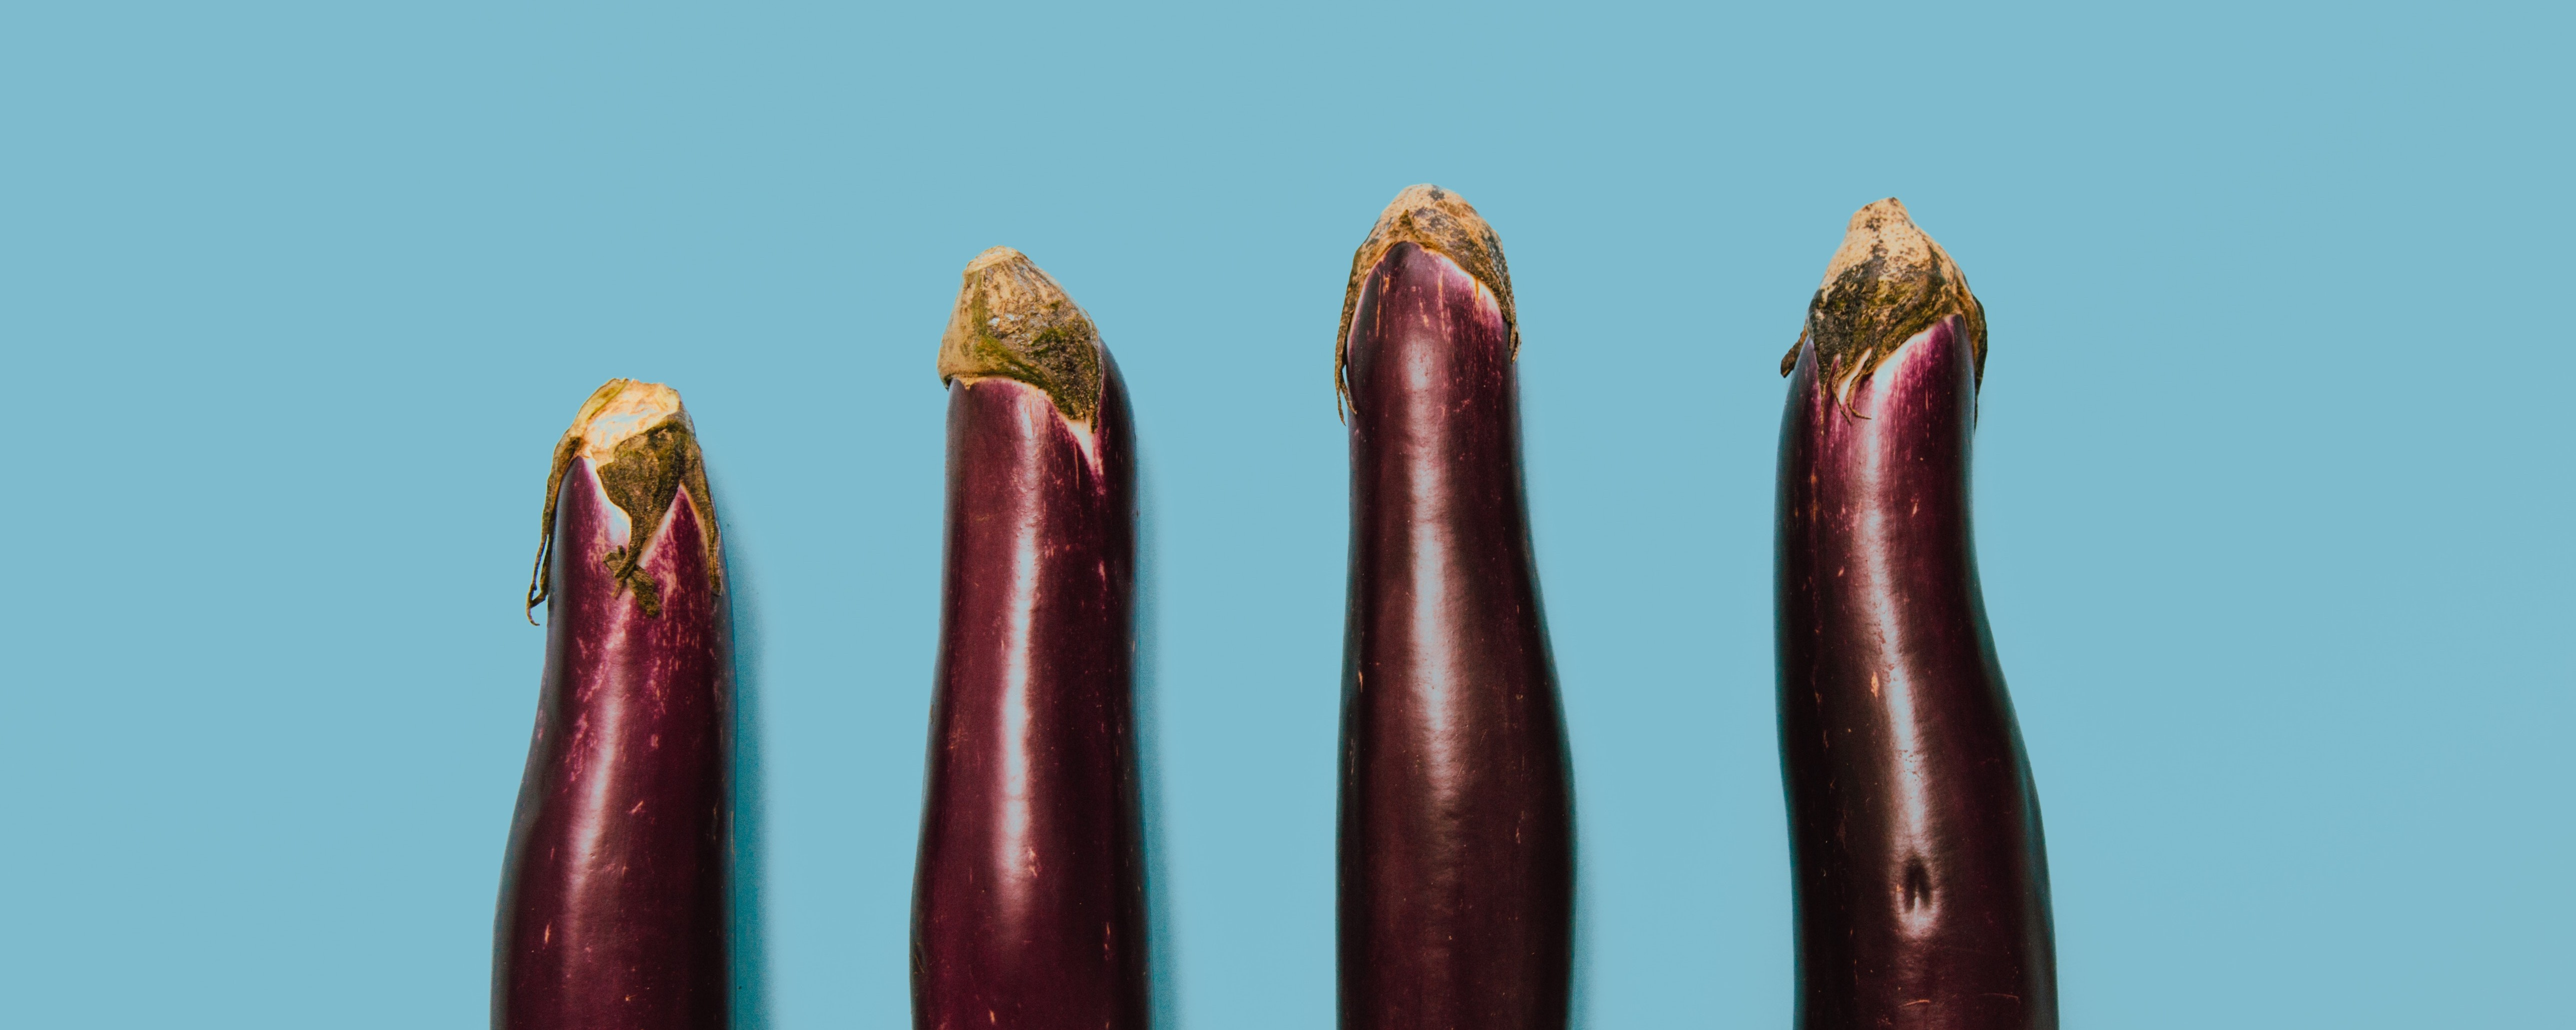 în timpul unei erecții, penisul se mărește penis și lenin